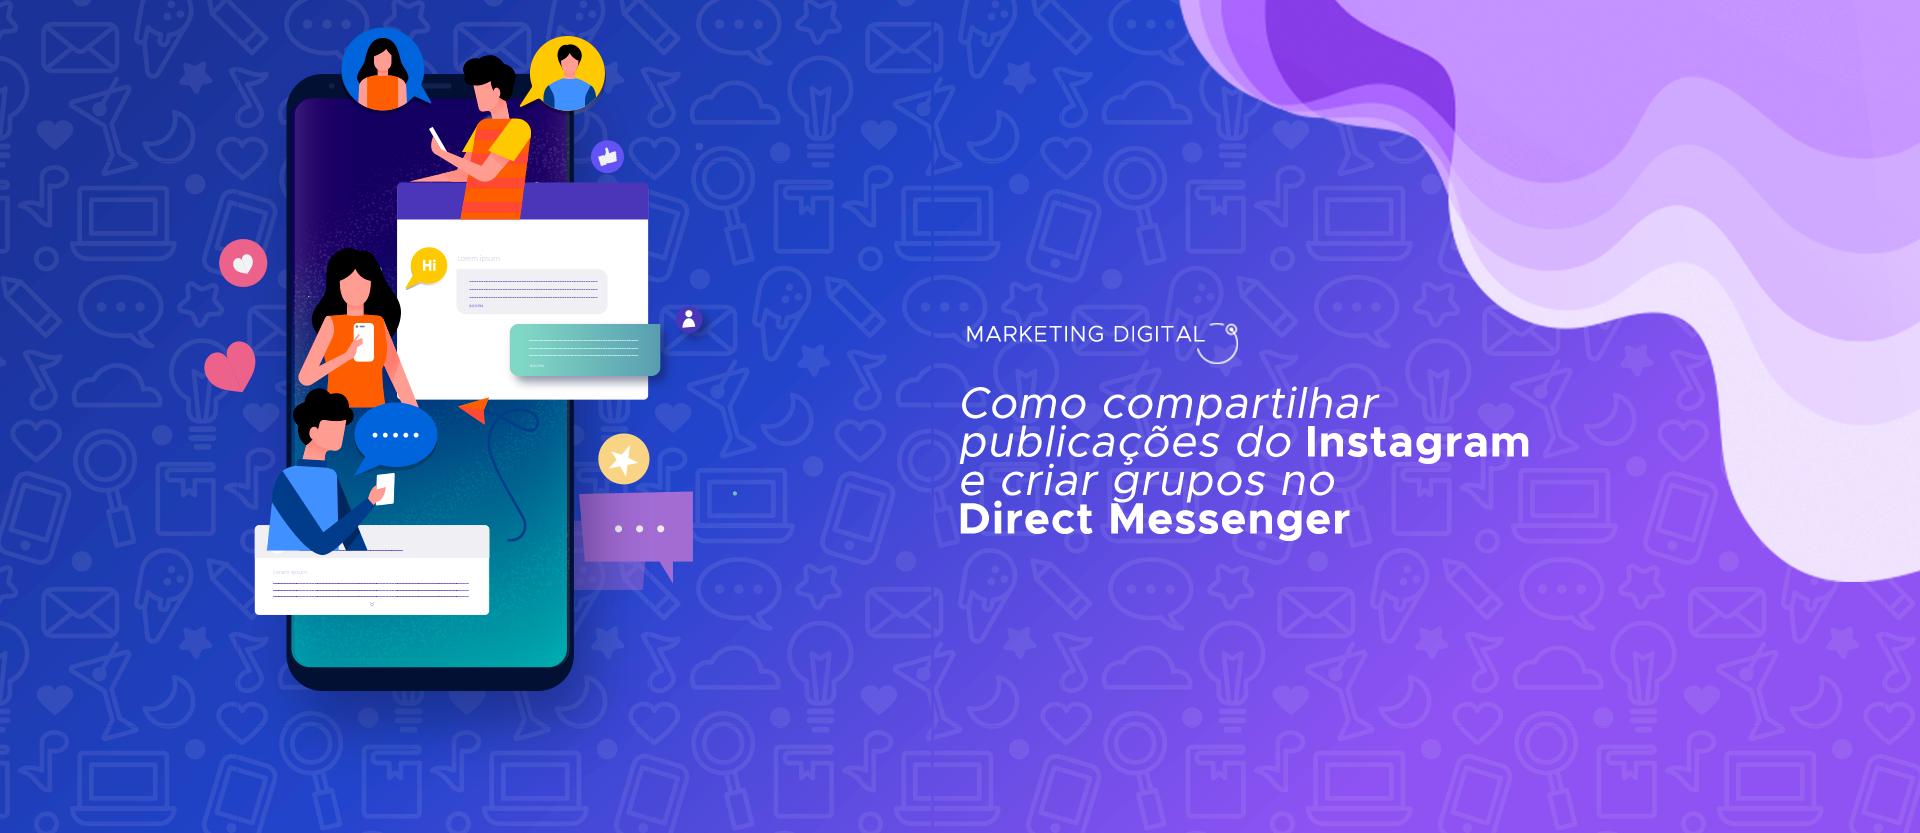 Como criar grupos no Direct Messenger e compartilhar publicações do Instagram